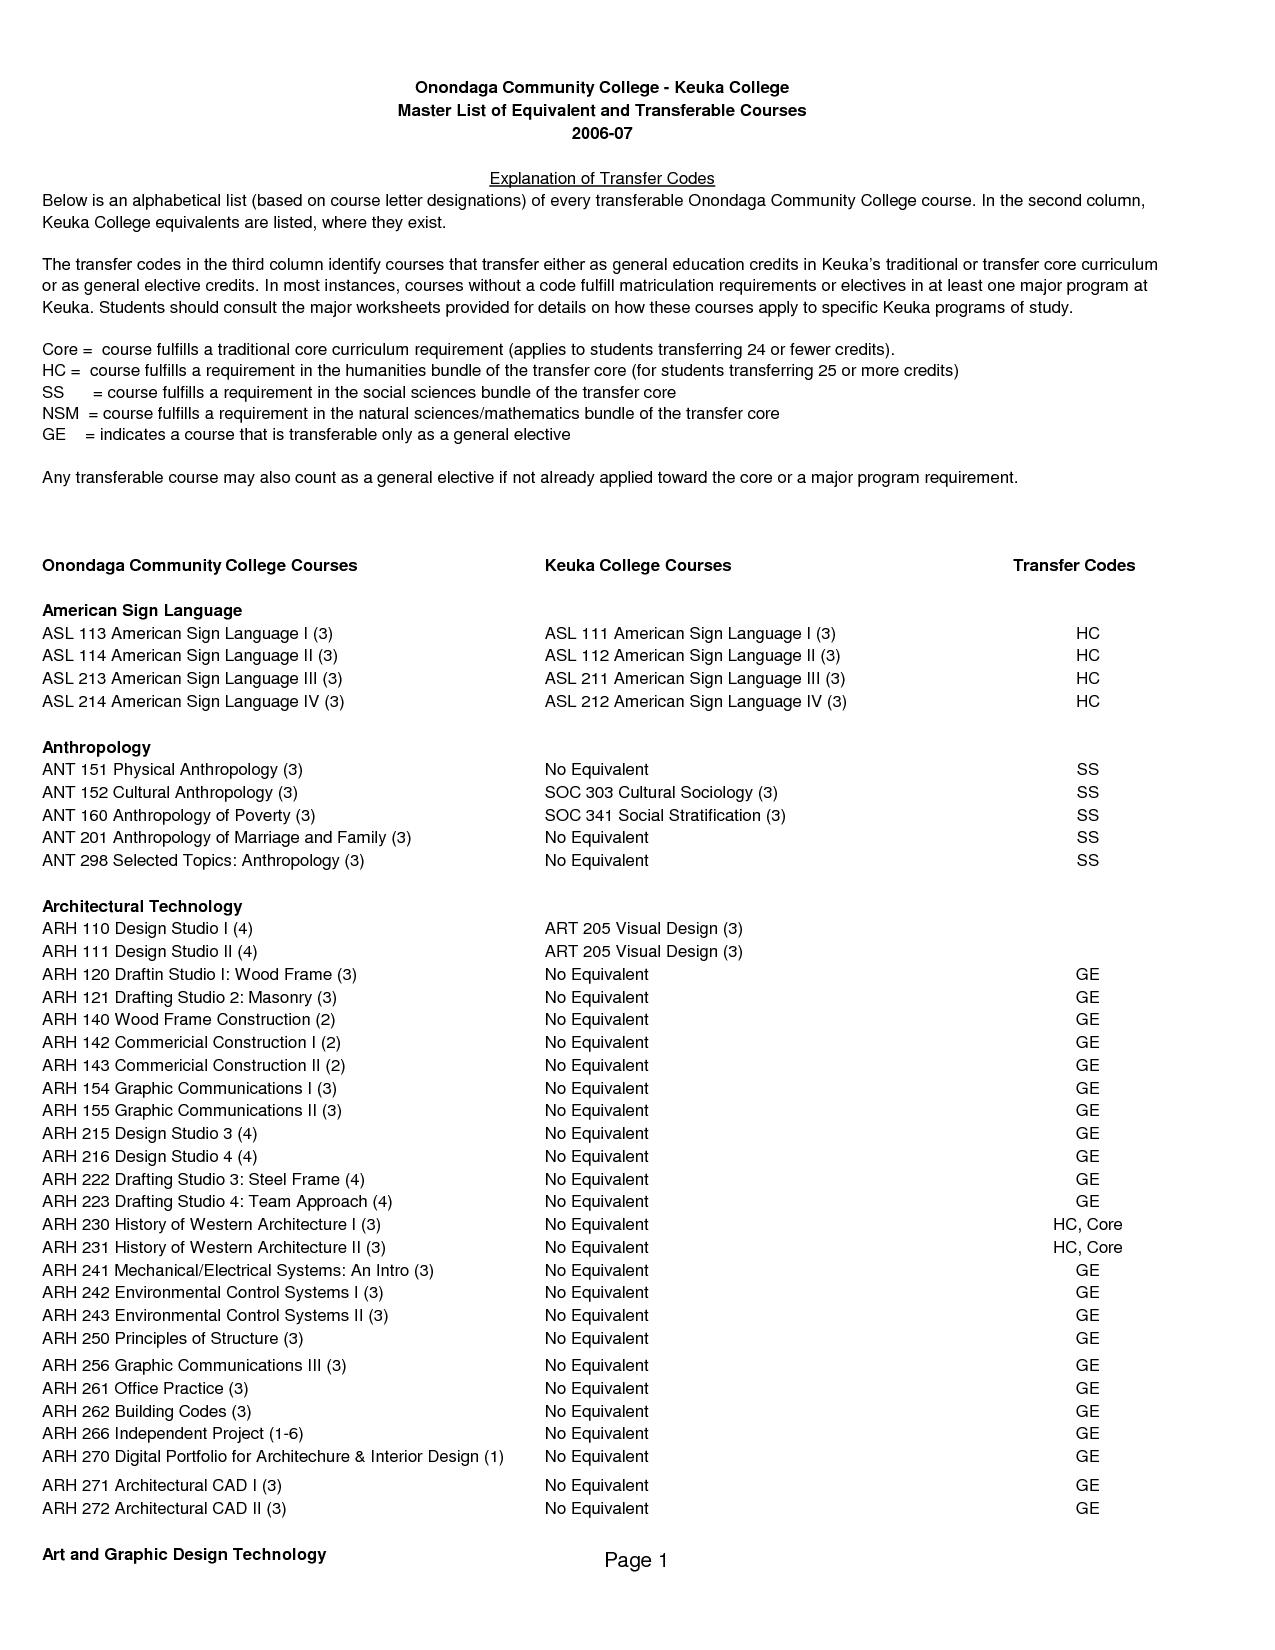 Basic Spanish Worksheet Printable